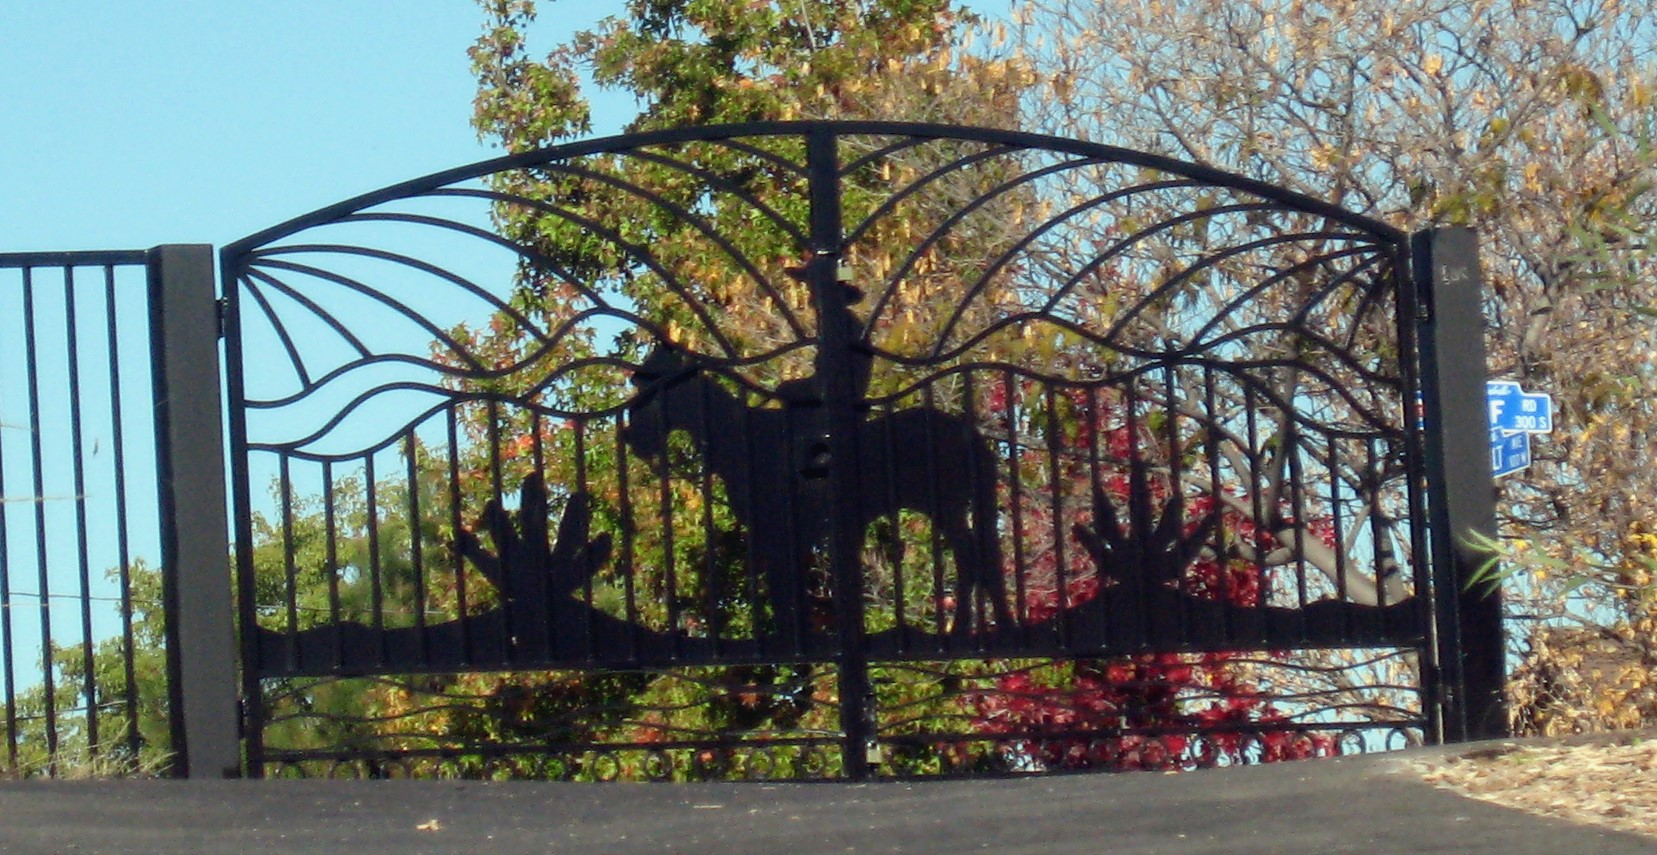 Park_Montebello_Roosevelt_Gate.jpg